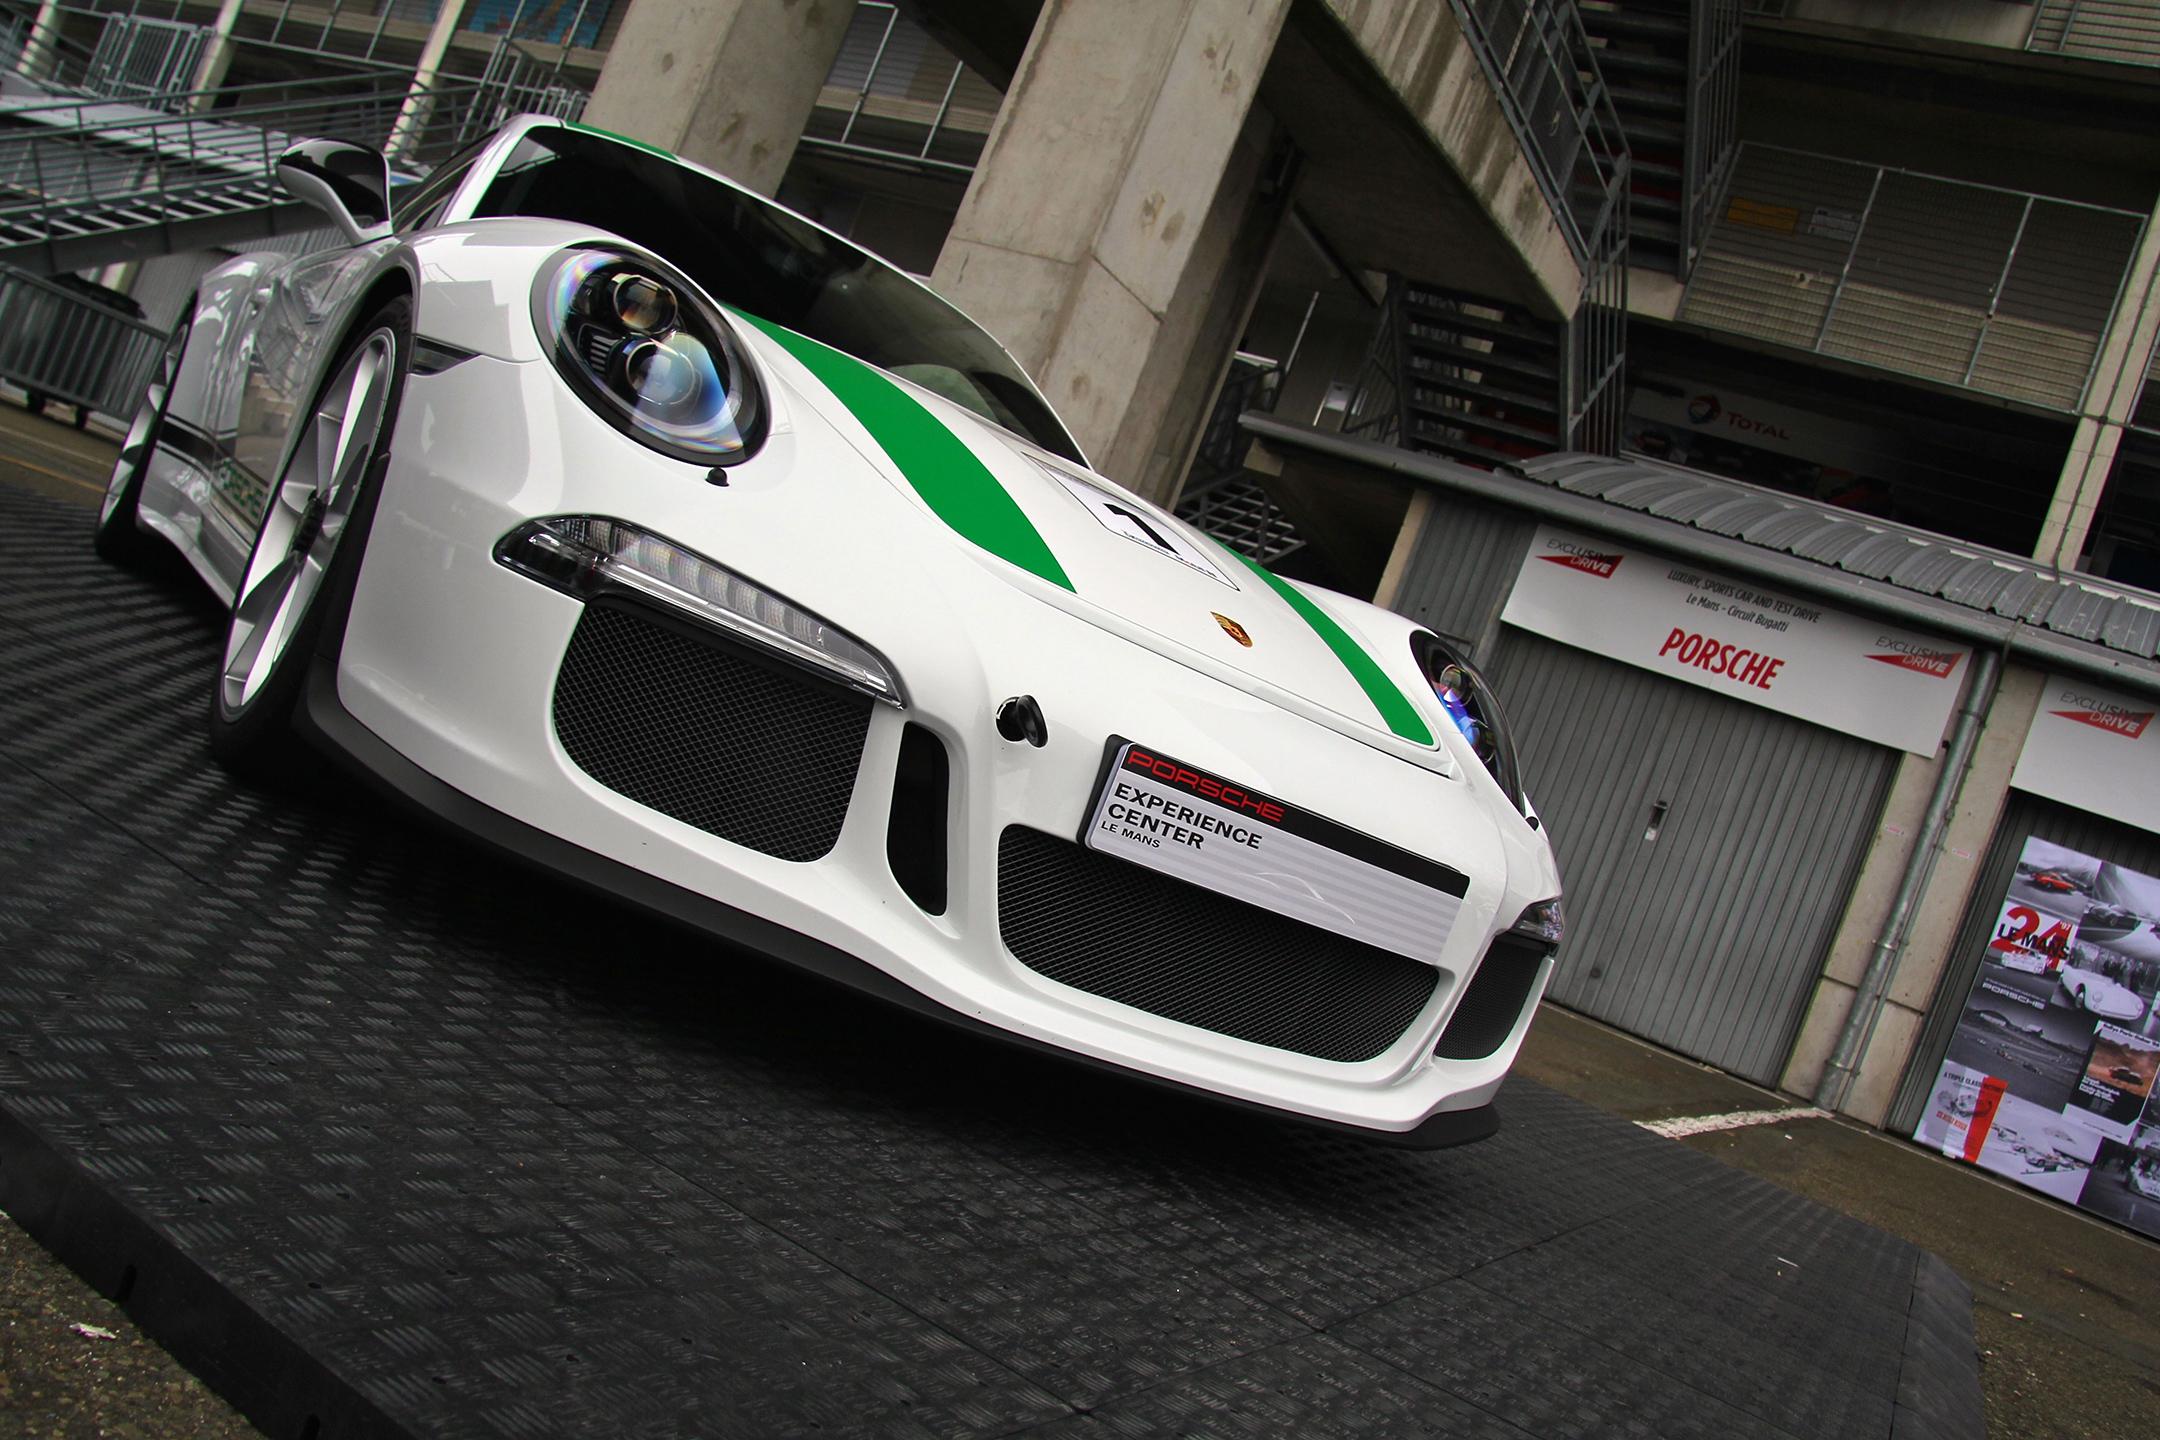 Porsche 911 R - green stripes - Exclusive Drive 2017 - photo Ludo Ferrari